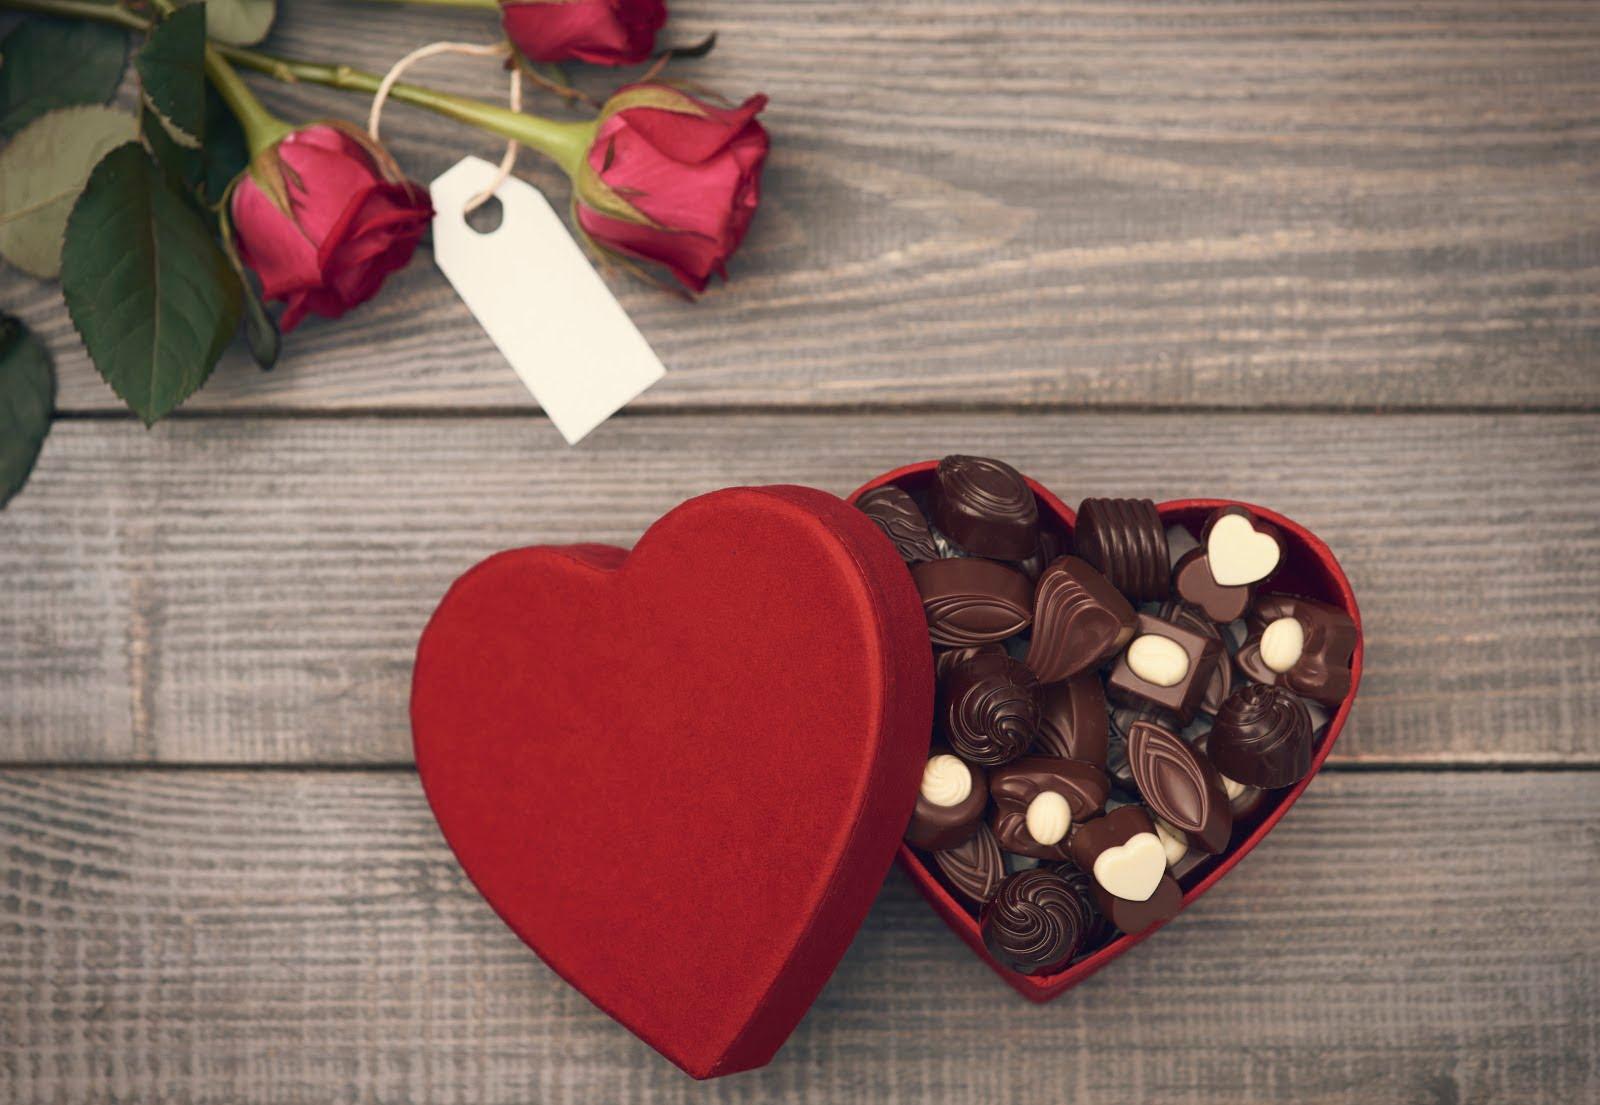 czekoladki to obowiązkowy element skrzyneczki